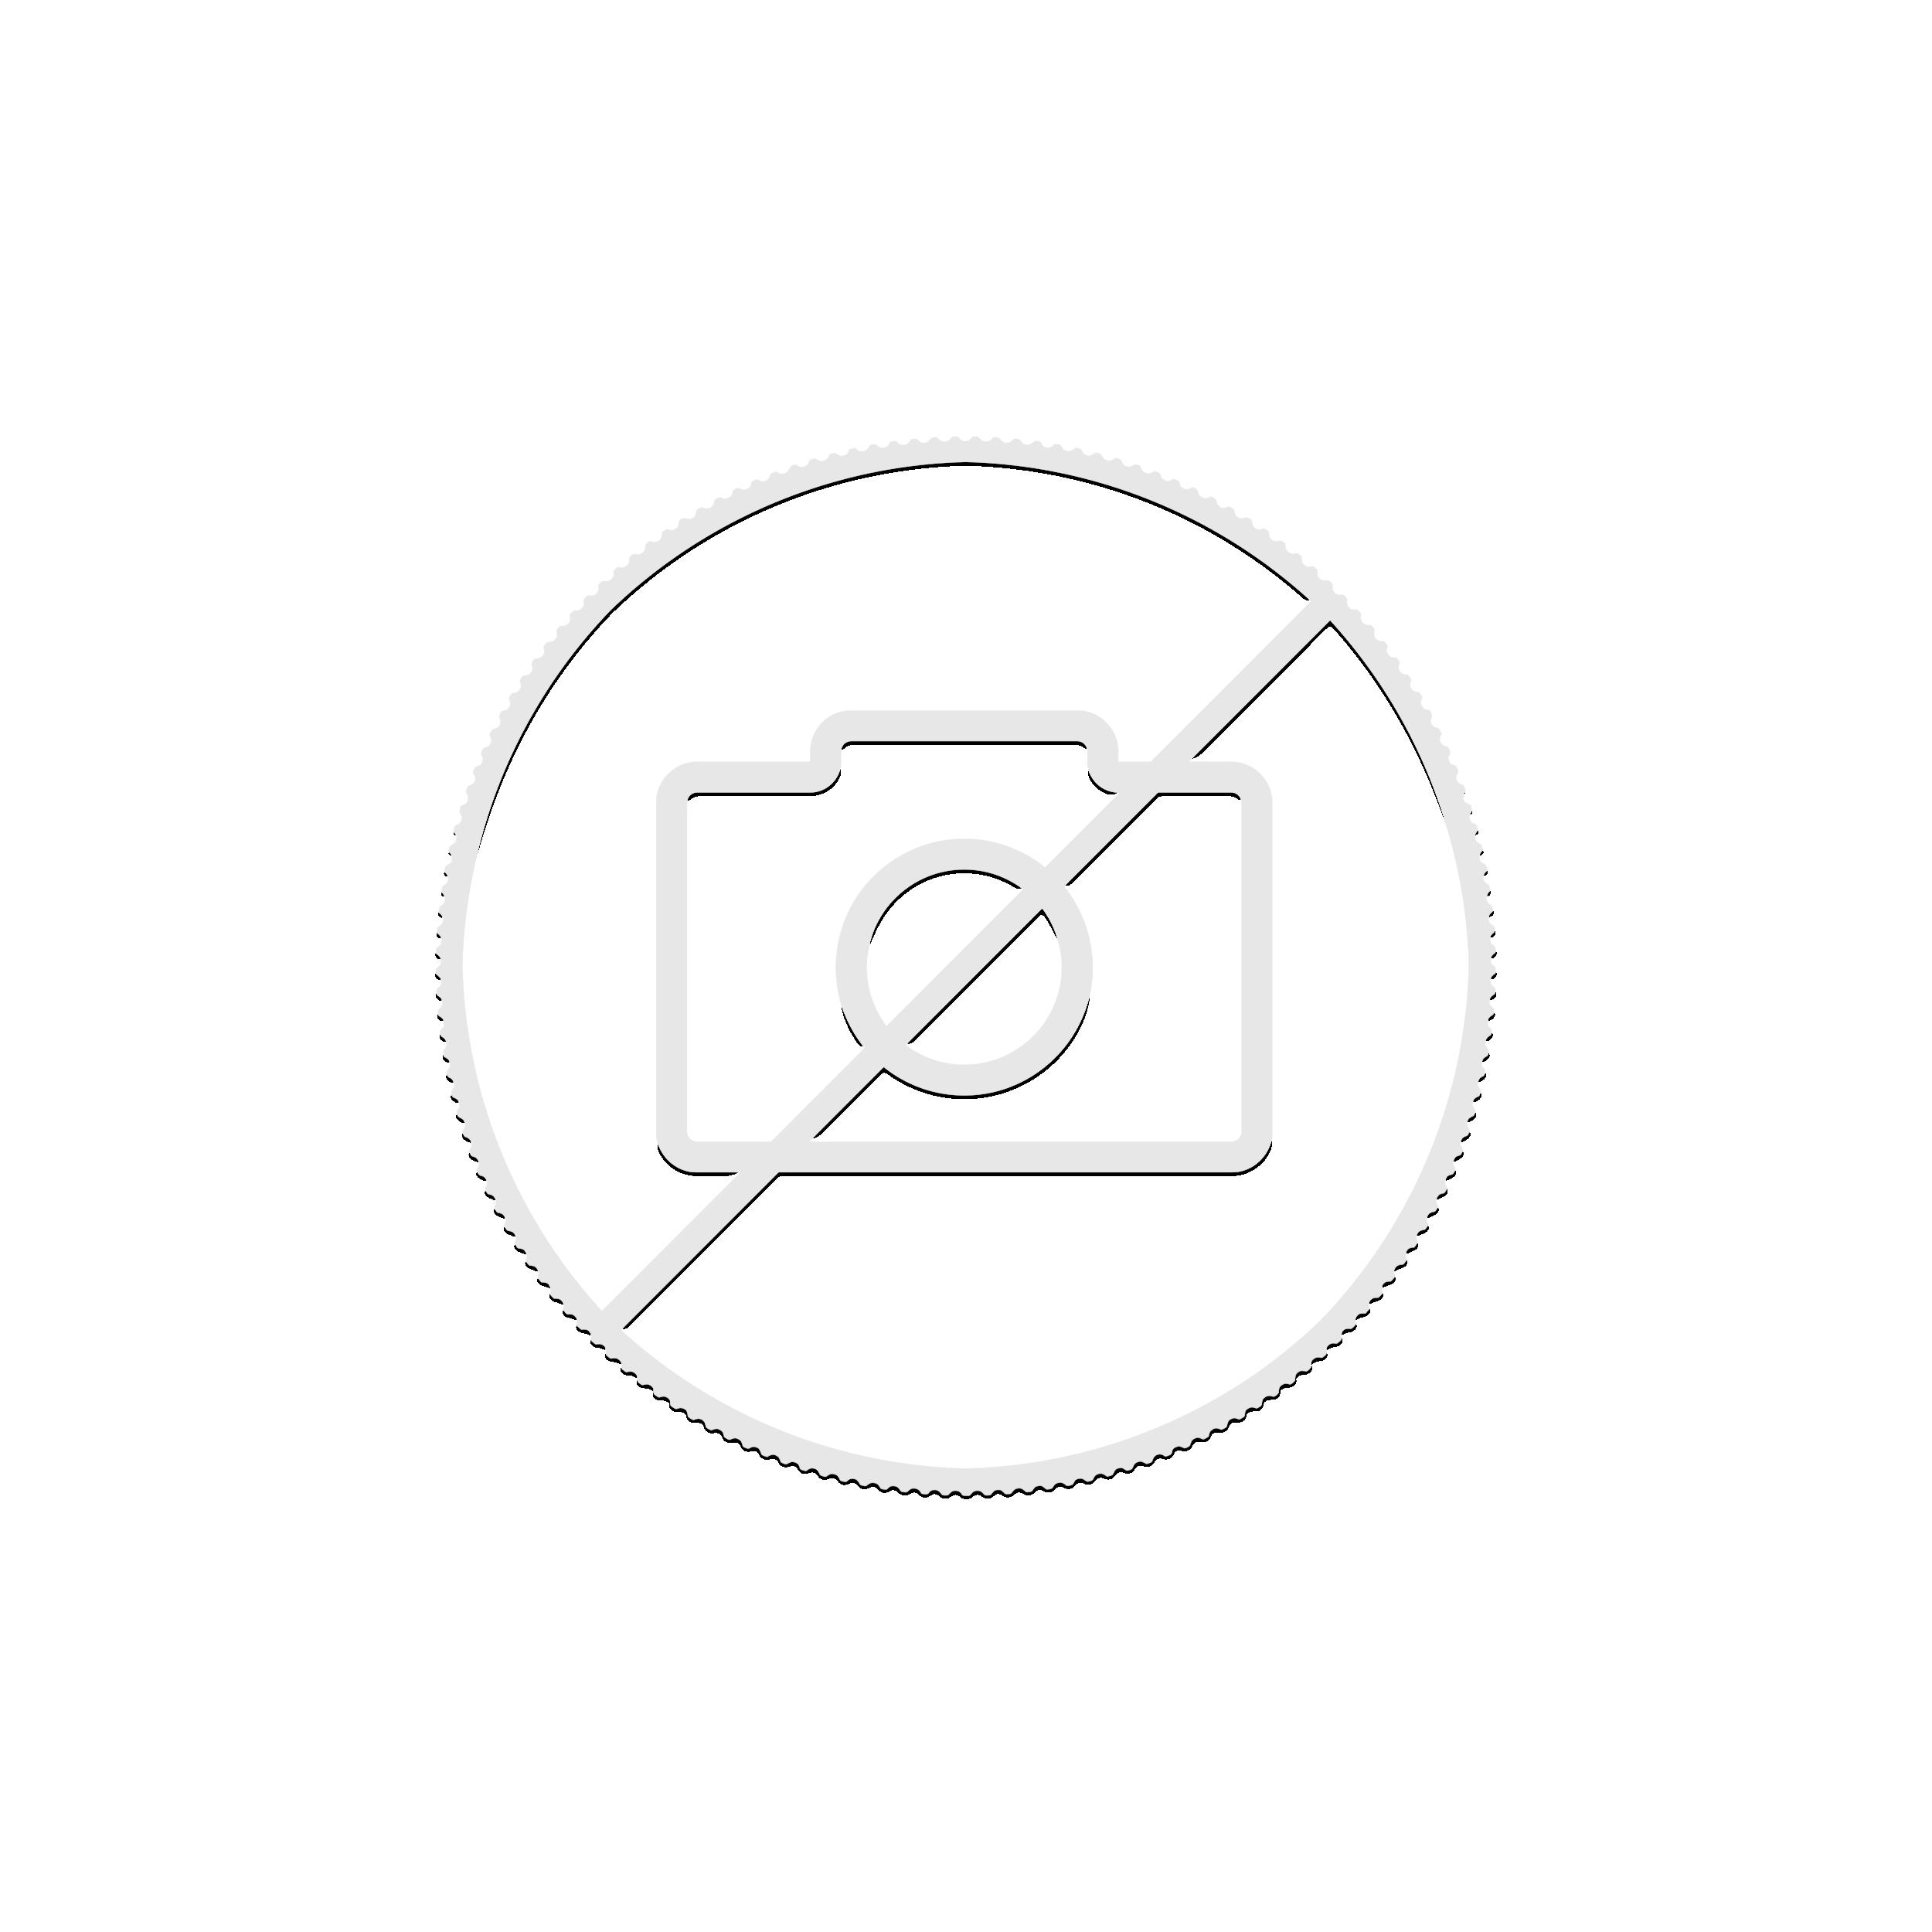 Goudbaar 5 gram Umicore met certificaat